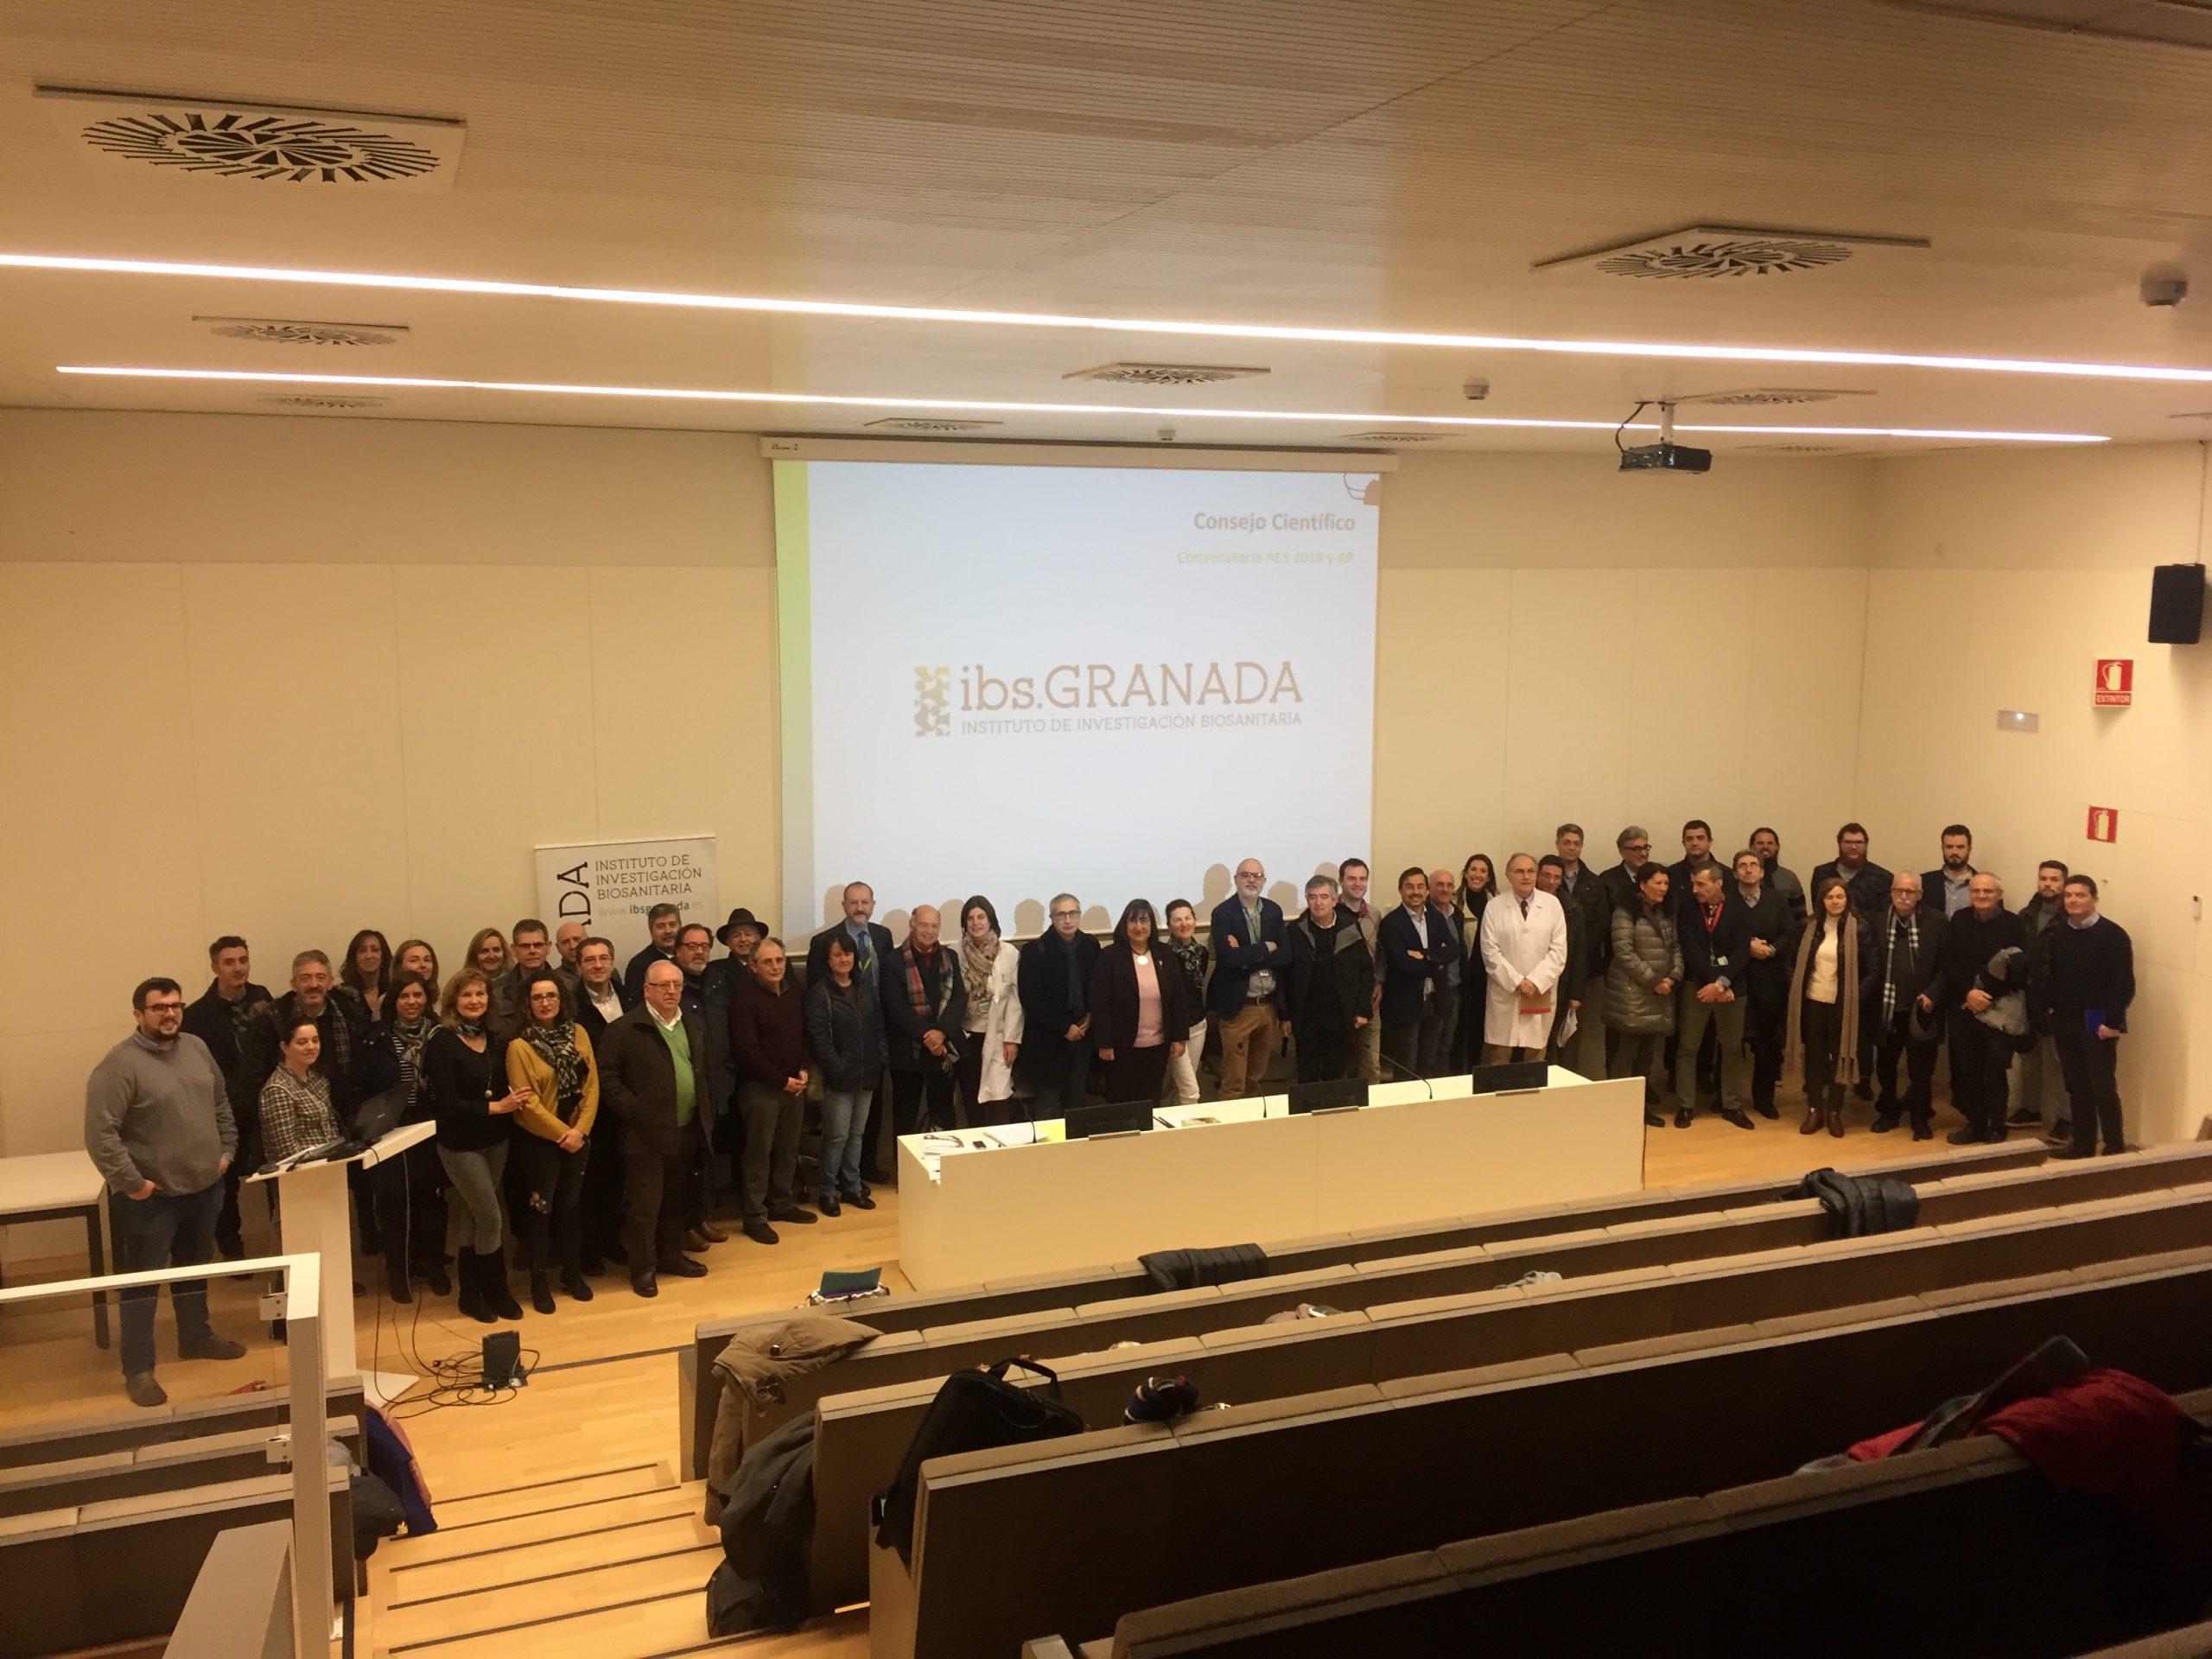 Reunión del Consejo Científico del ibs.GRANADA